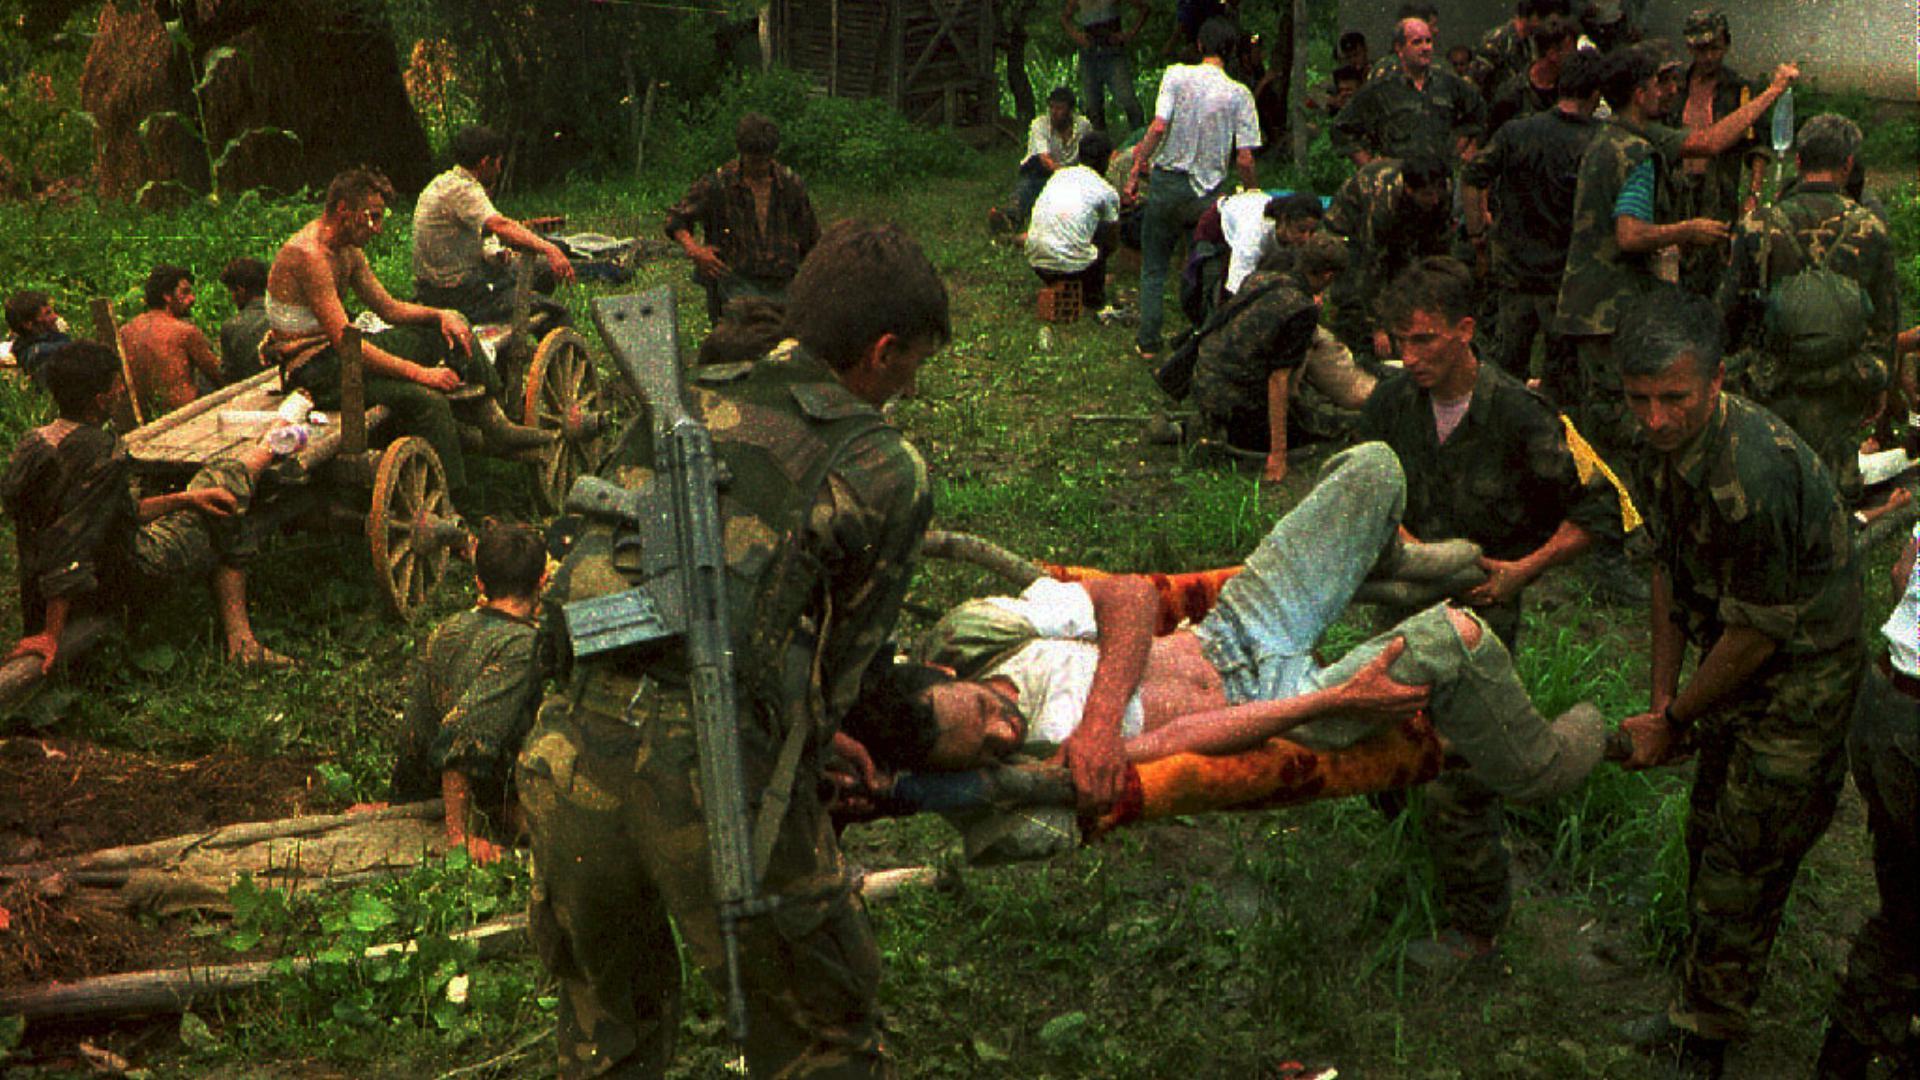 Bild des Krieges: Bosnier ziehen mit ihren verwundeten Kameraden durch die serbischen Linien in den Wäldern. Es herrschen Todesangst und große Ungewissheit.